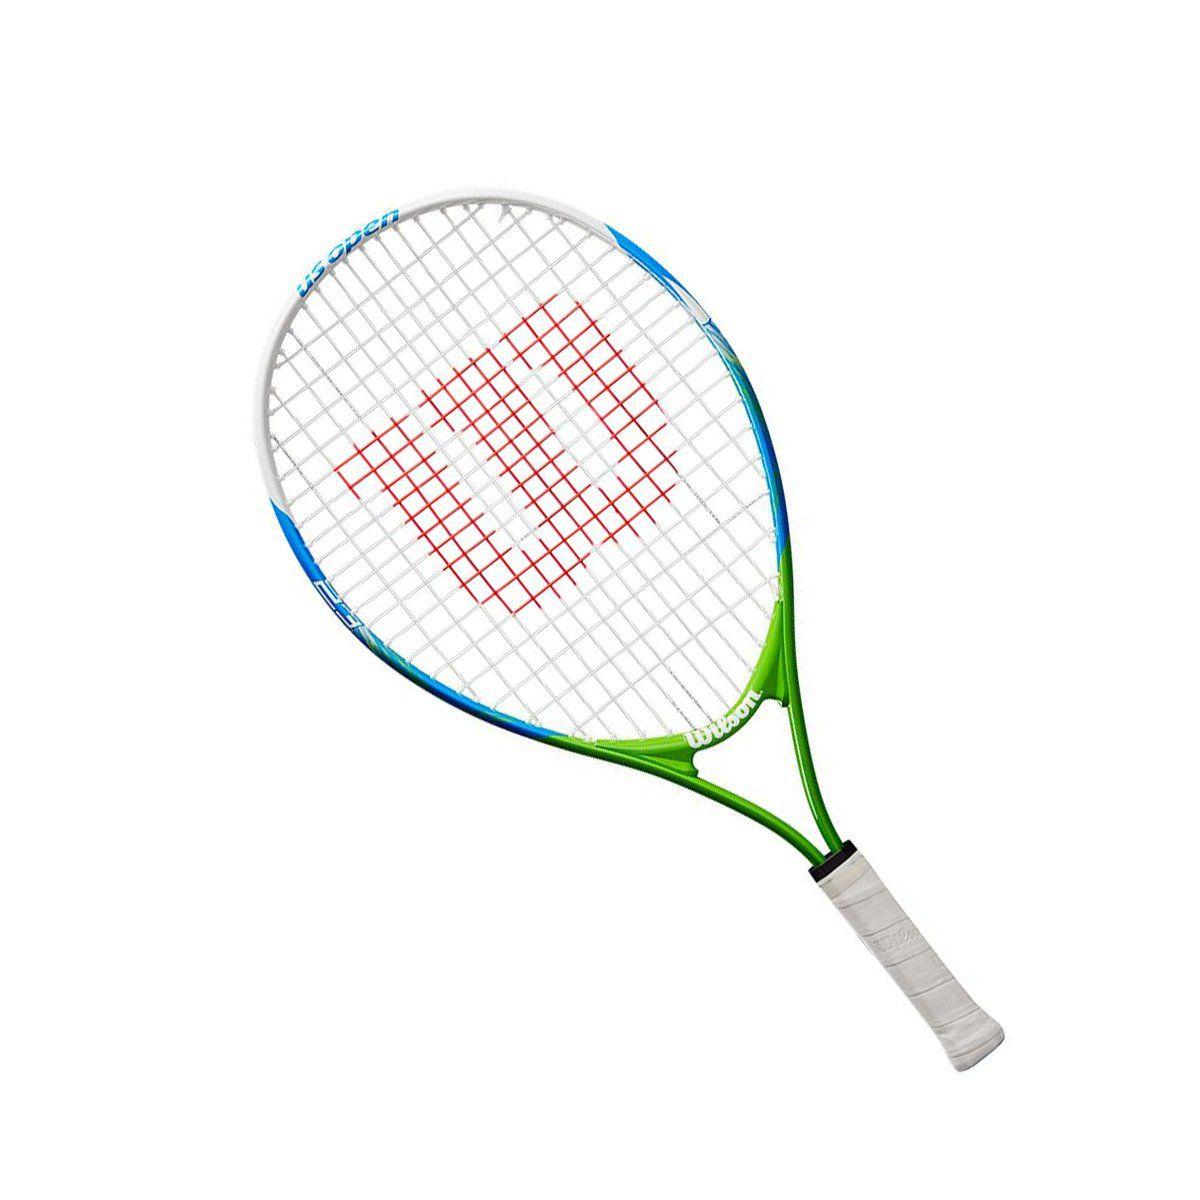 Raquete de Tênis Wilson Infantil US Open 23  - PROTENISTA